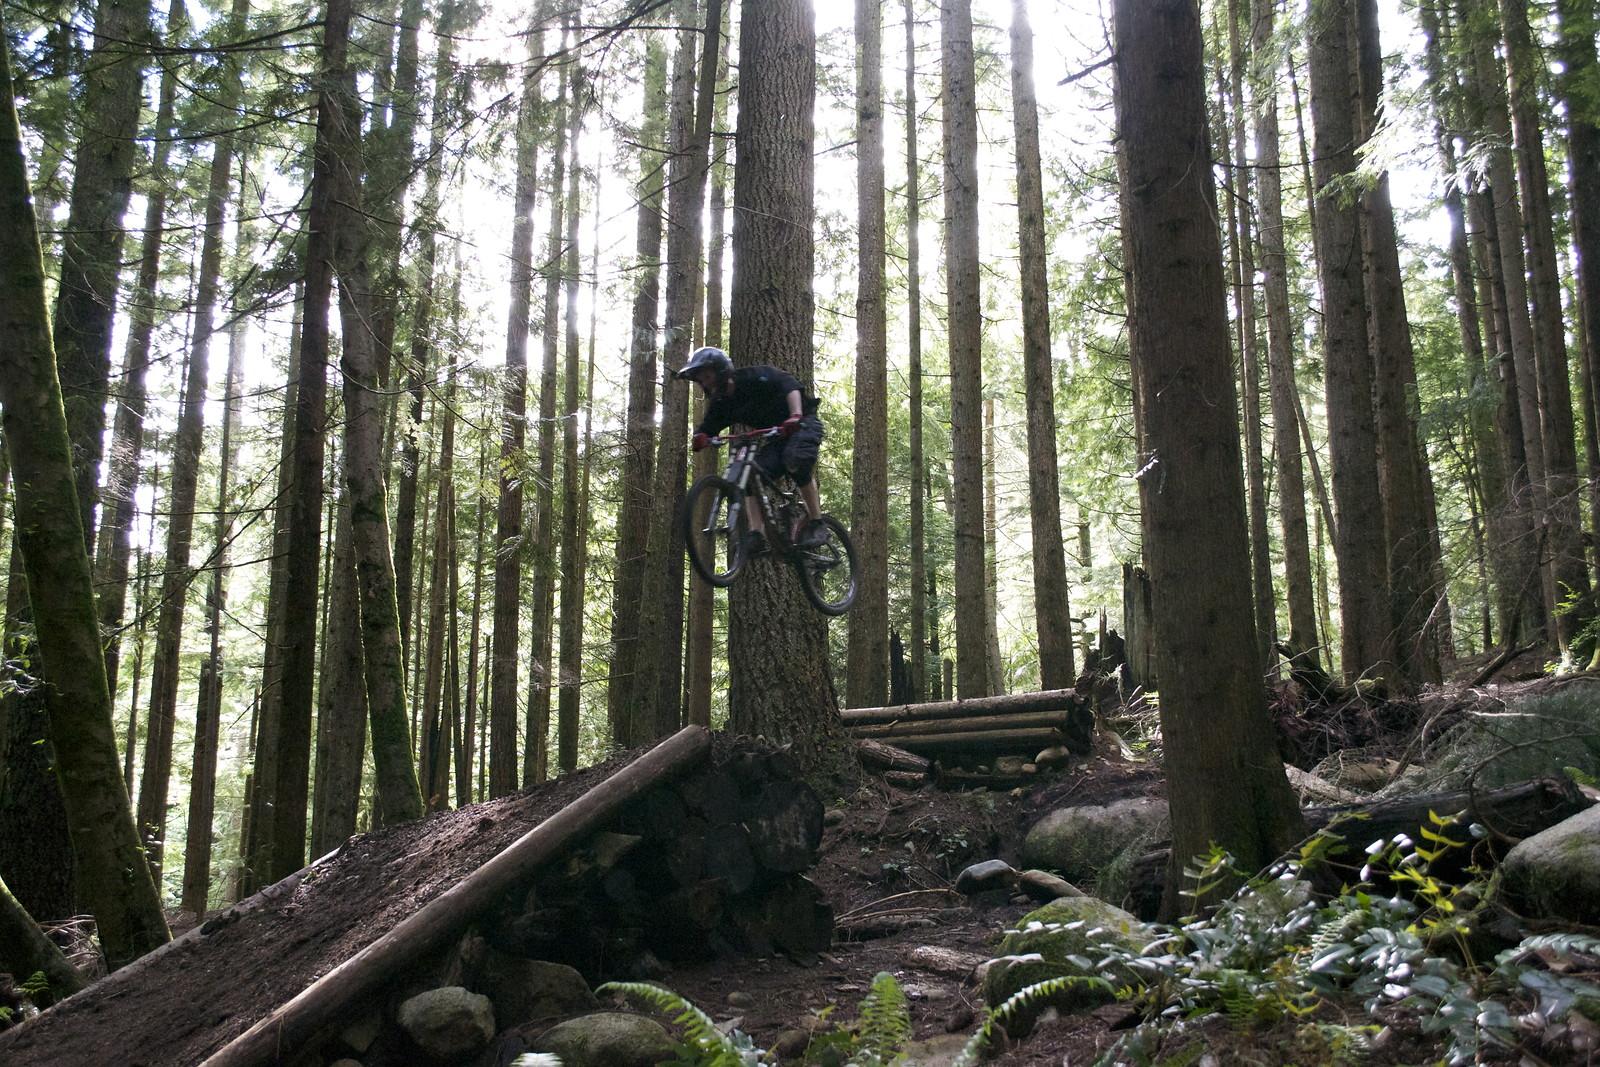 Eric - derekt - Mountain Biking Pictures - Vital MTB